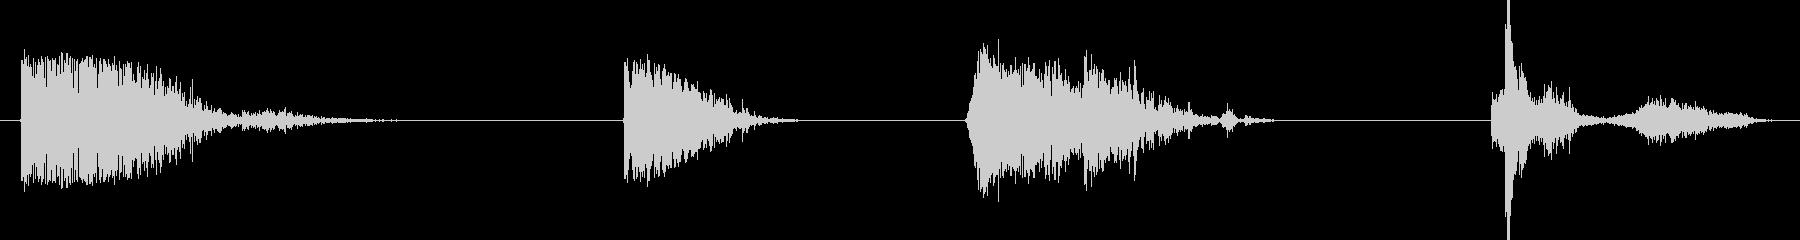 爆発原子爆発の未再生の波形